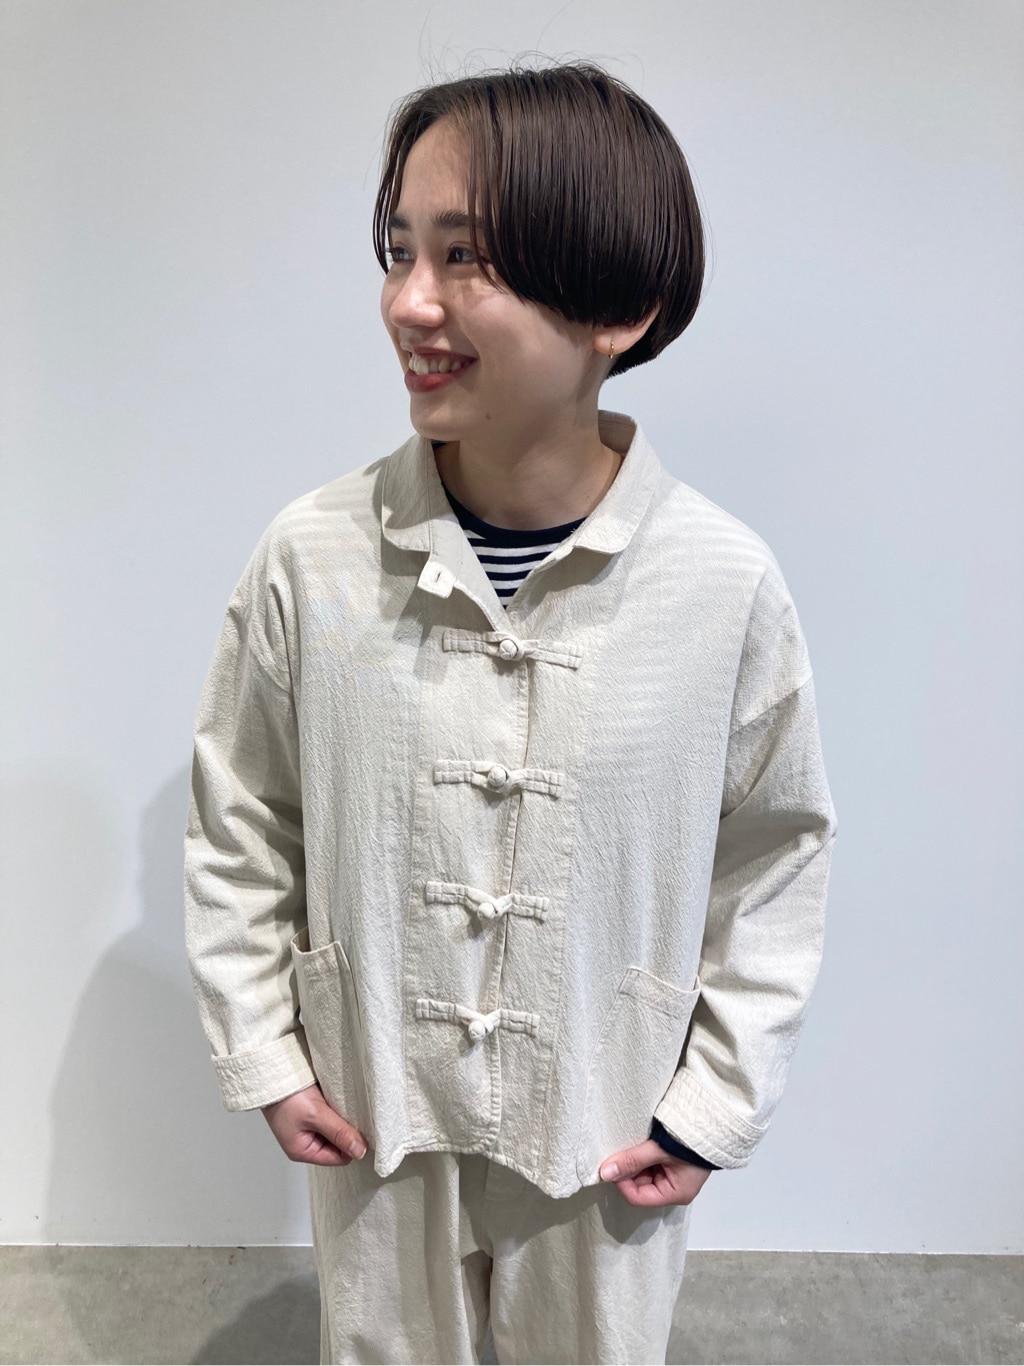 - PAR ICI FLAT AMB 名古屋栄路面 身長:156cm 2021.03.31